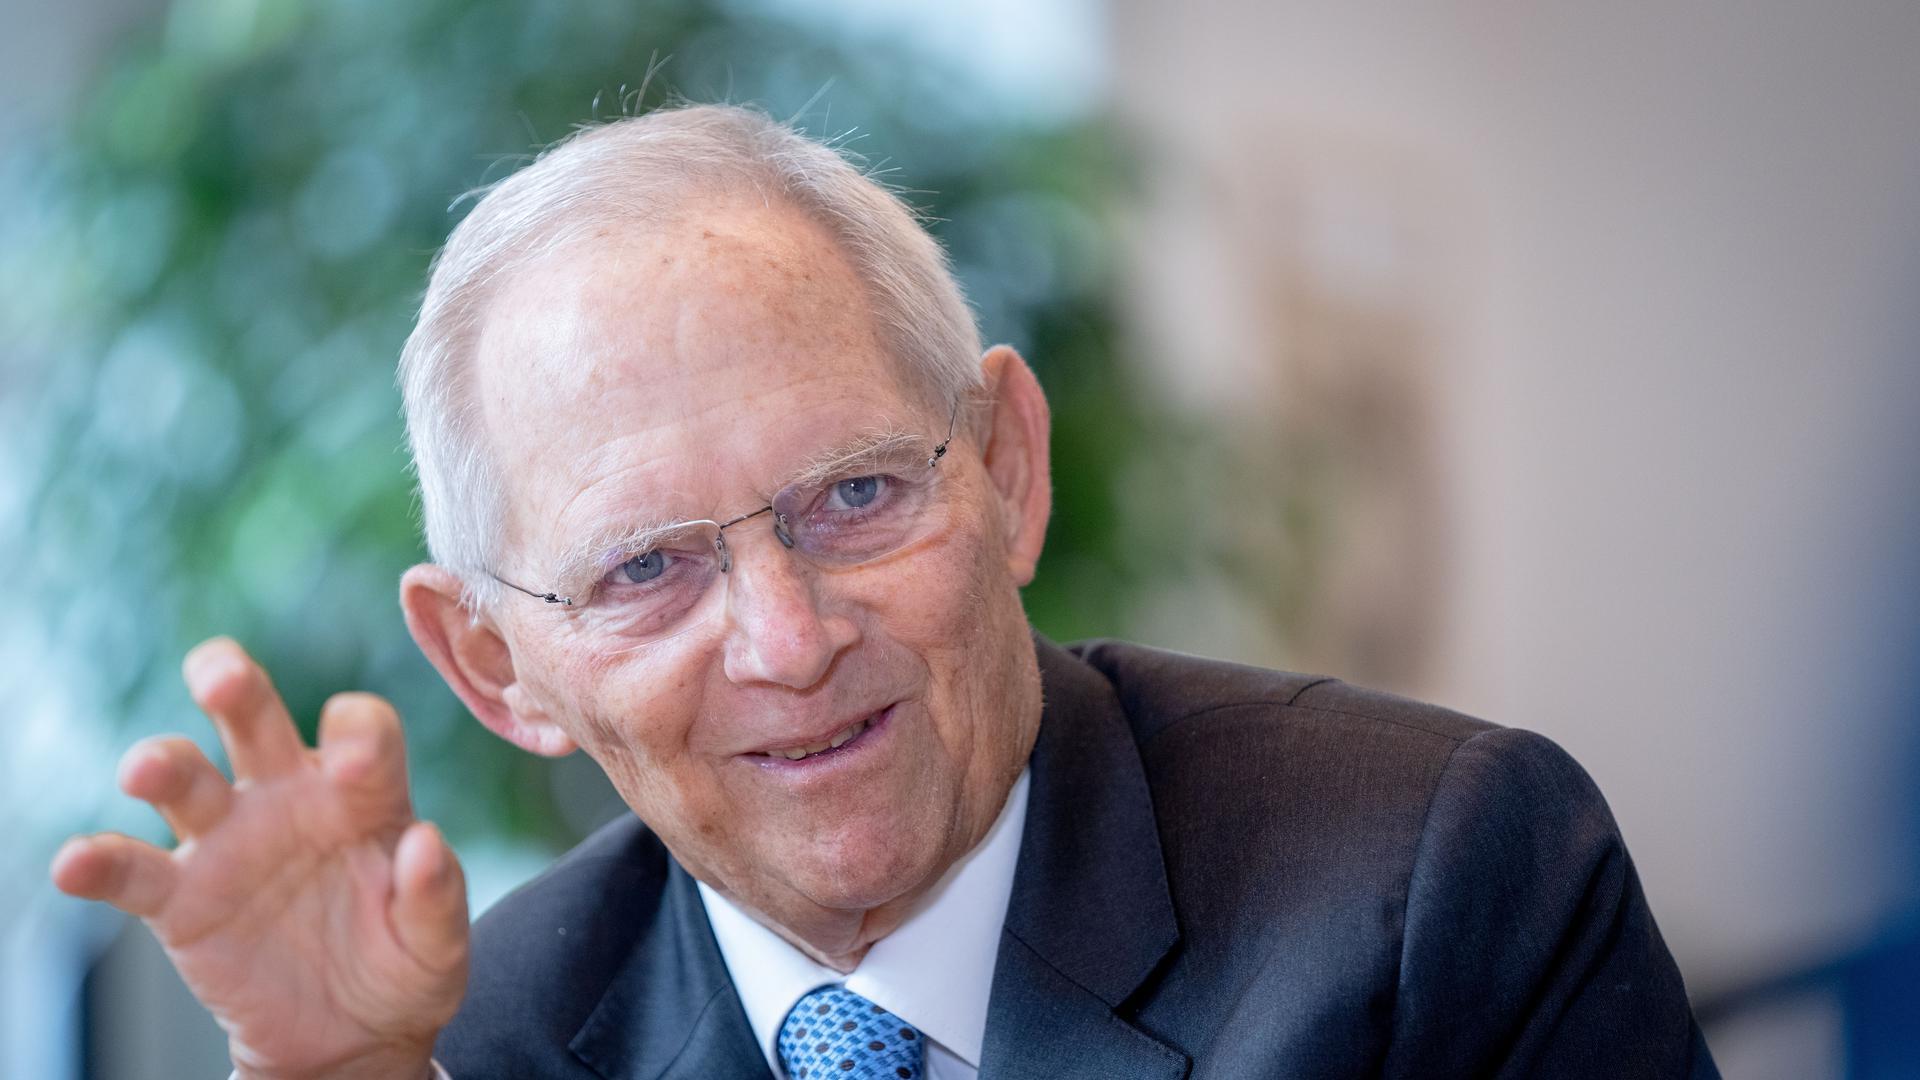 Wolfgang Schäuble (CDU), Bundestagspräsident, spricht in einem Interview.